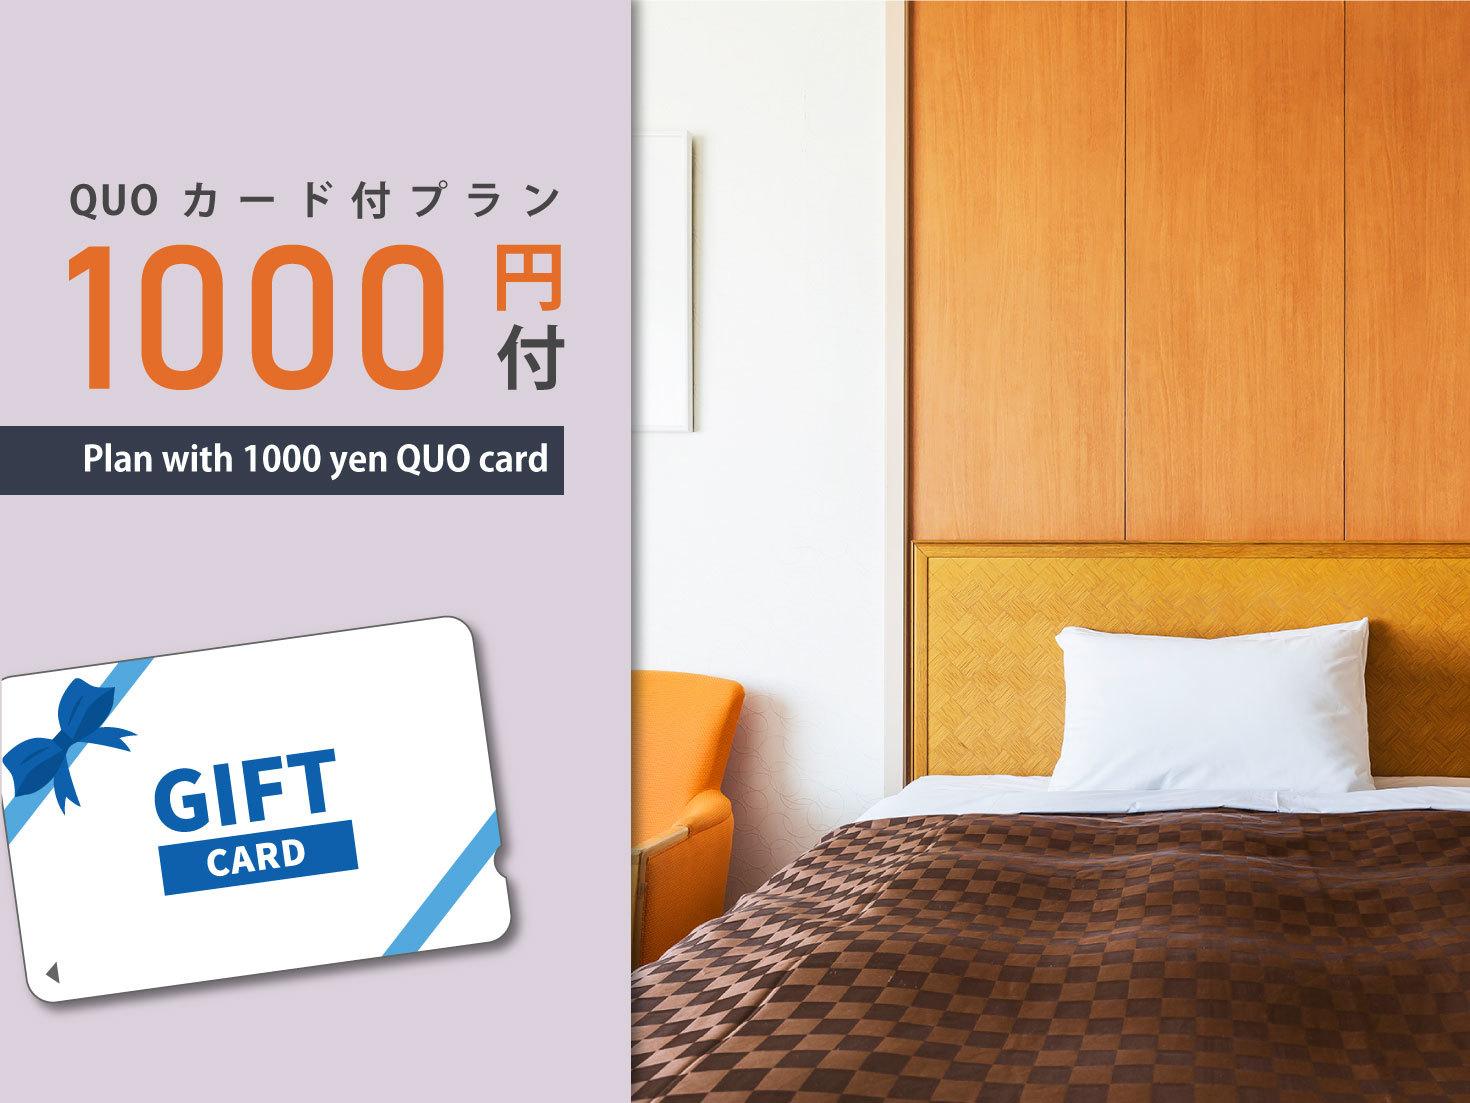 ホテル日航ノースランド帯広 【出張応援】1,000円クオカードプラン☆朝食付き